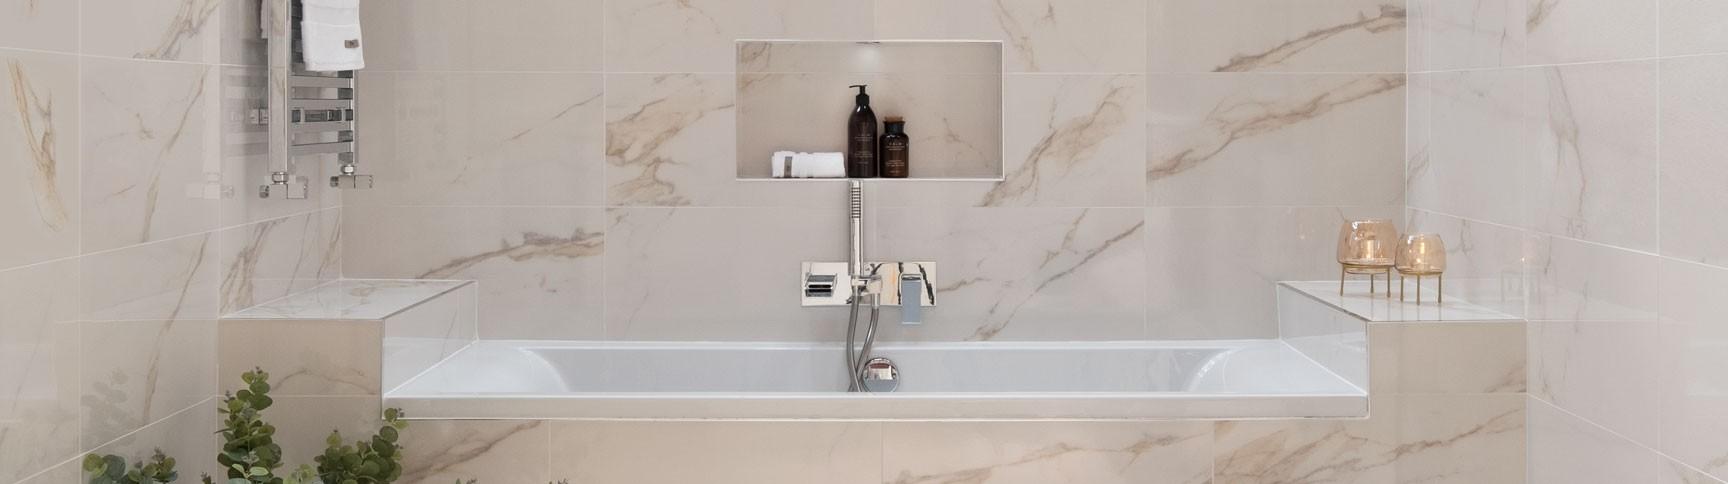 Bathroom Floor and Wall Tiles   World of Tiles, Bathrooms and Wood Flooring